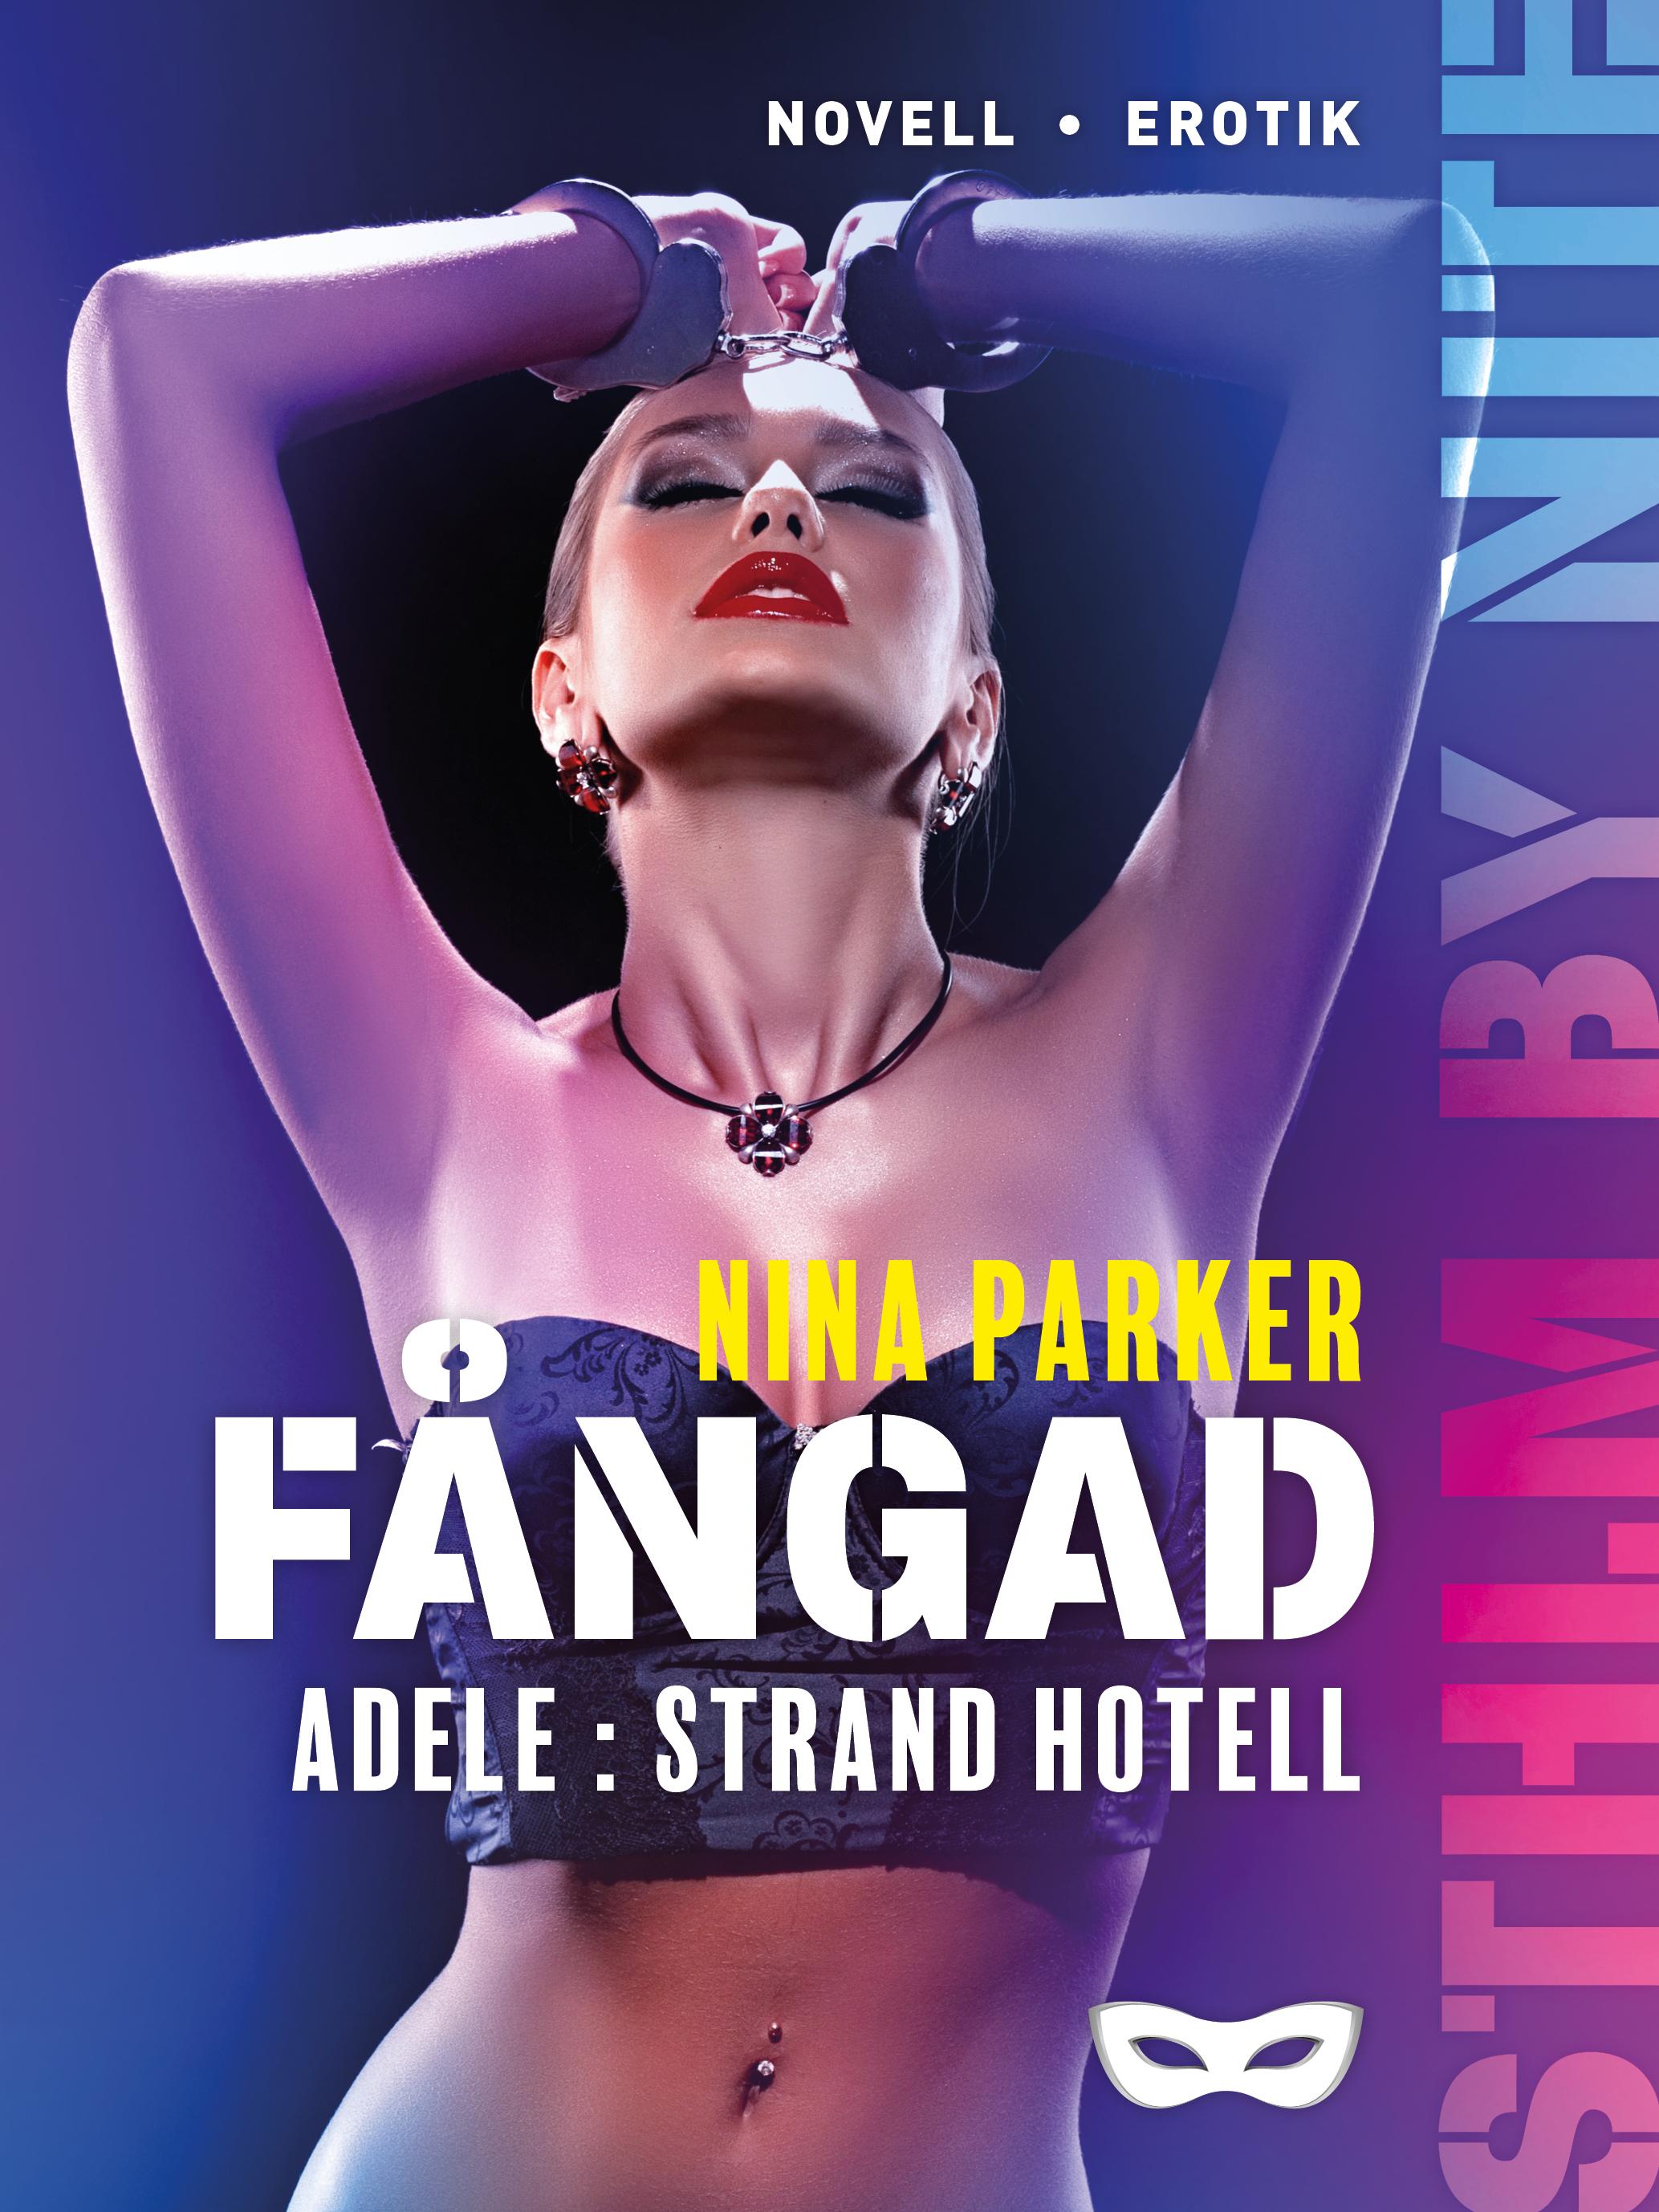 FANG-n_Fangad_Nina Parker.jpg